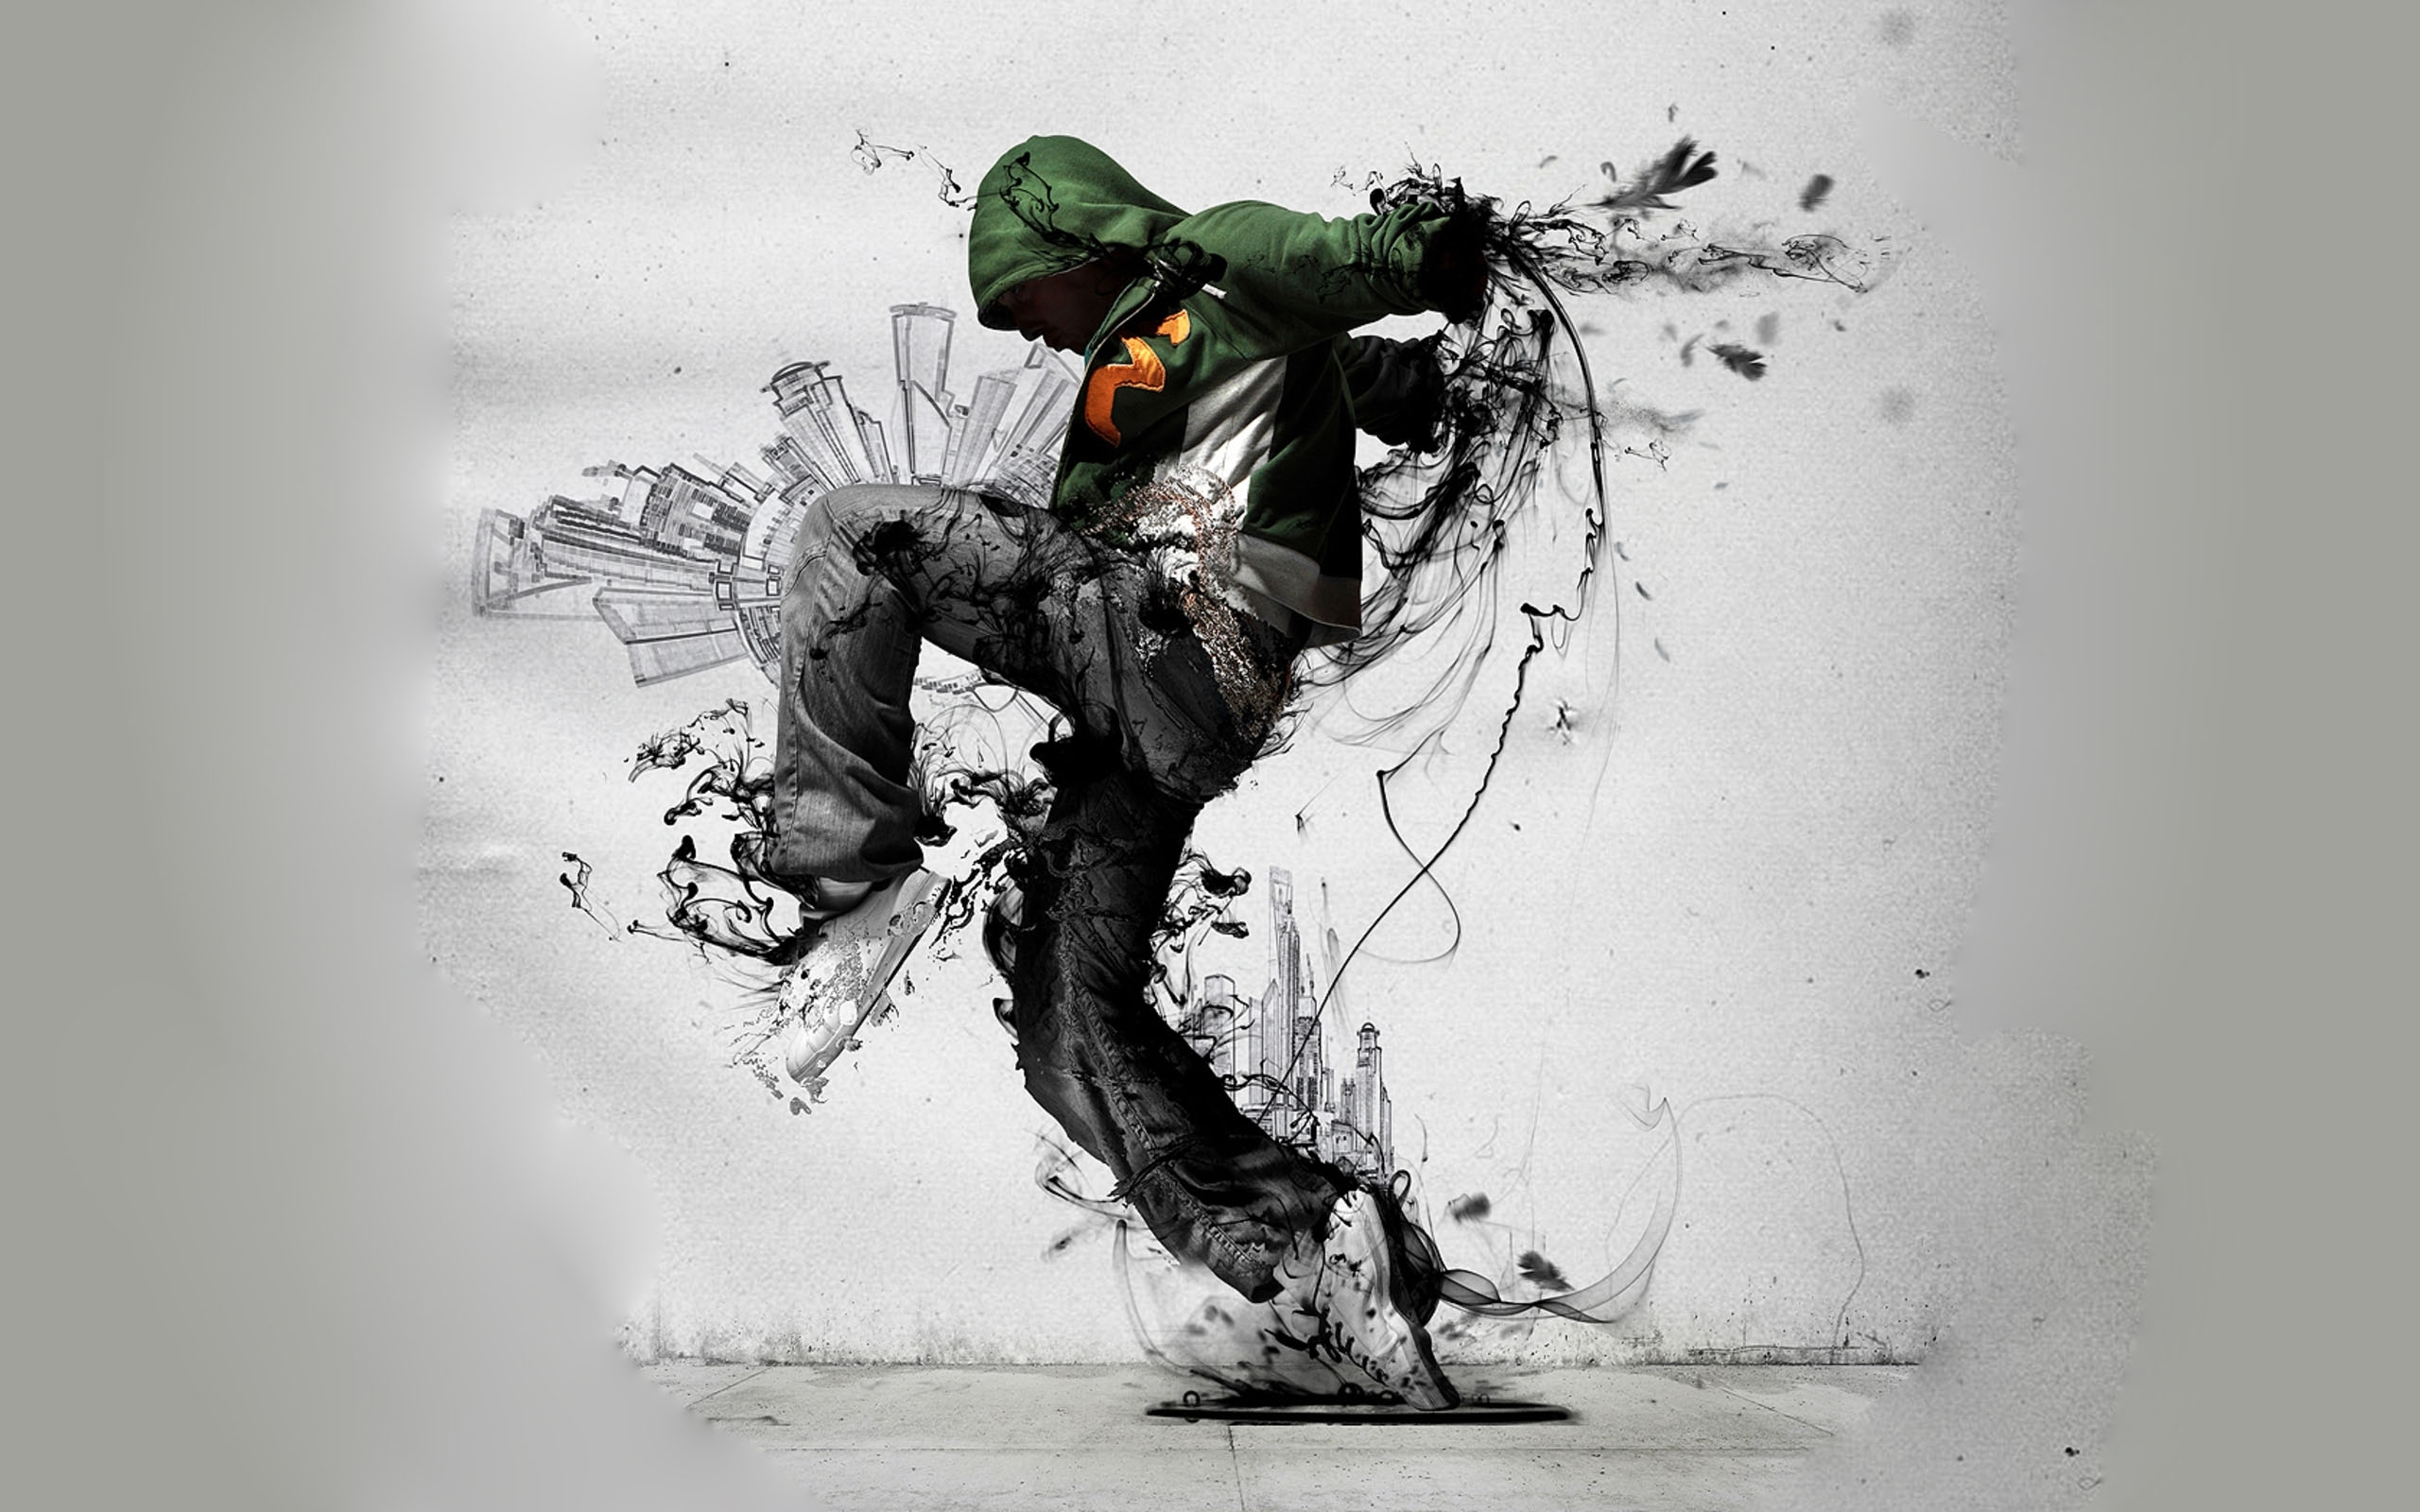 3d hd wallpaper hip-hop dance 2560×1600 - high definition wallpaper